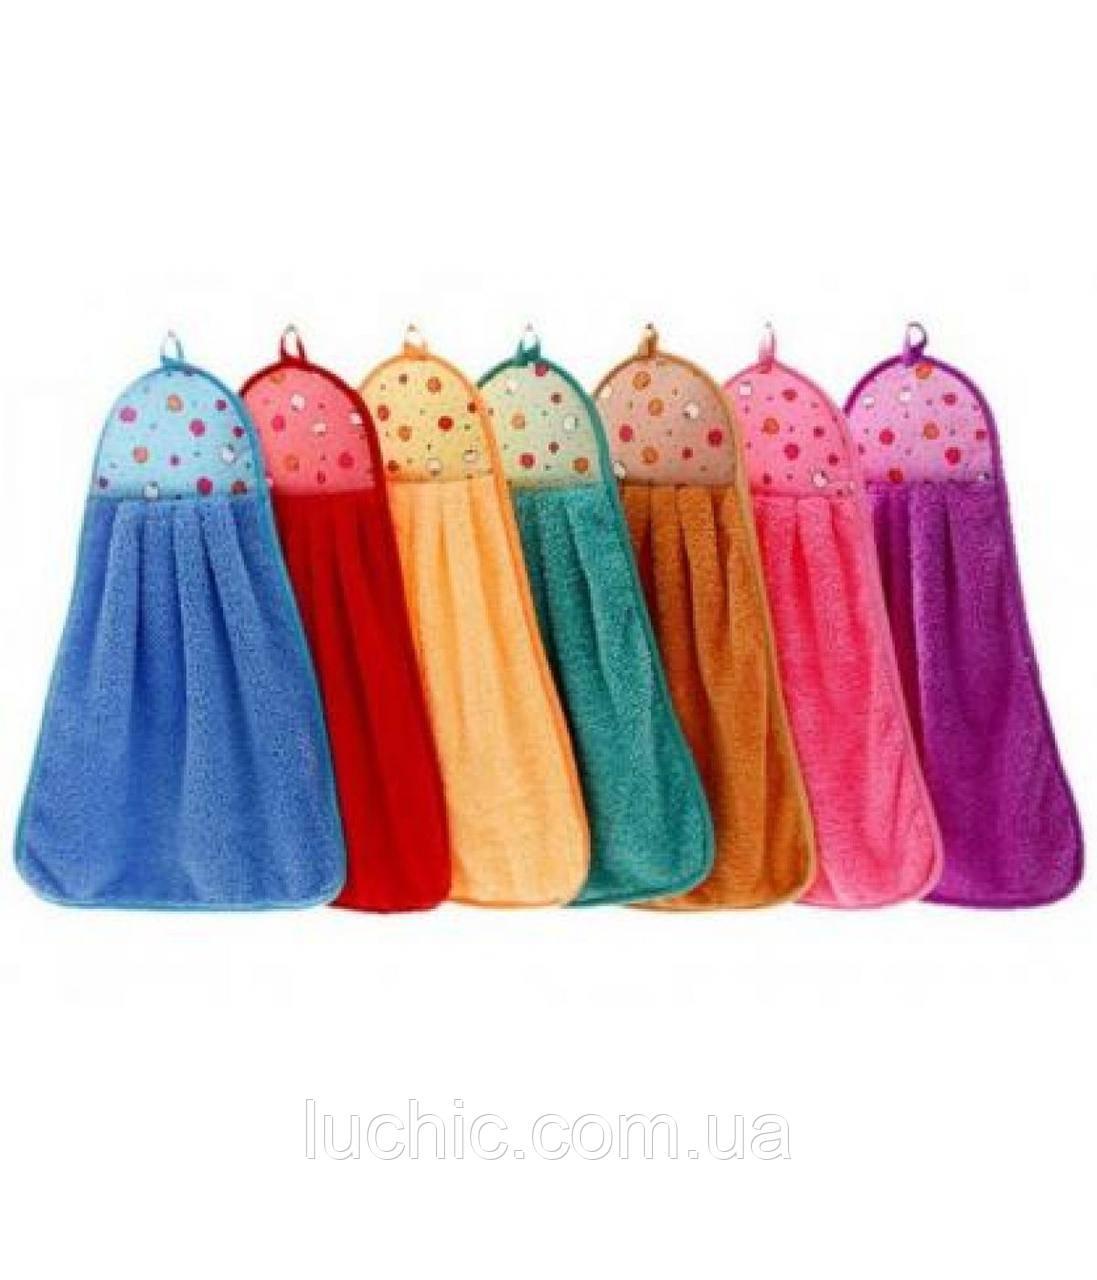 Кухонные полотенца петельки микрофибра полотенца для кухни  12 шт в упаковке  30х50